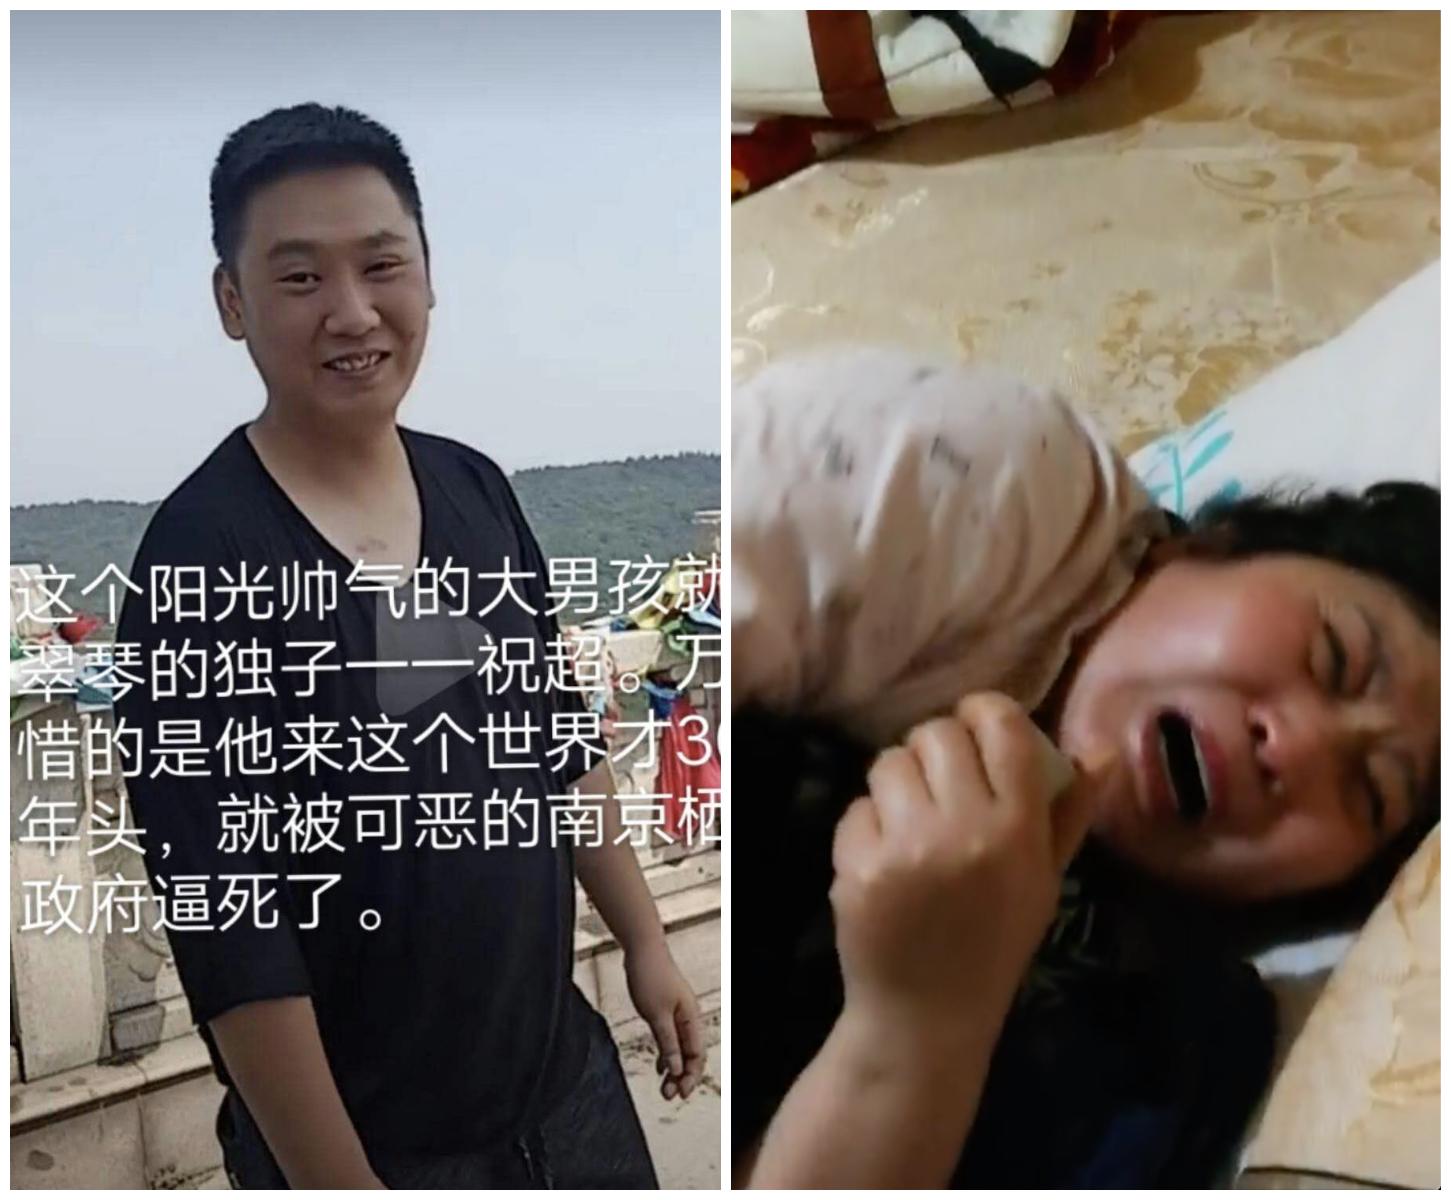 中共兩會嚴控 南京訪民被抓 兒子跳江自殺